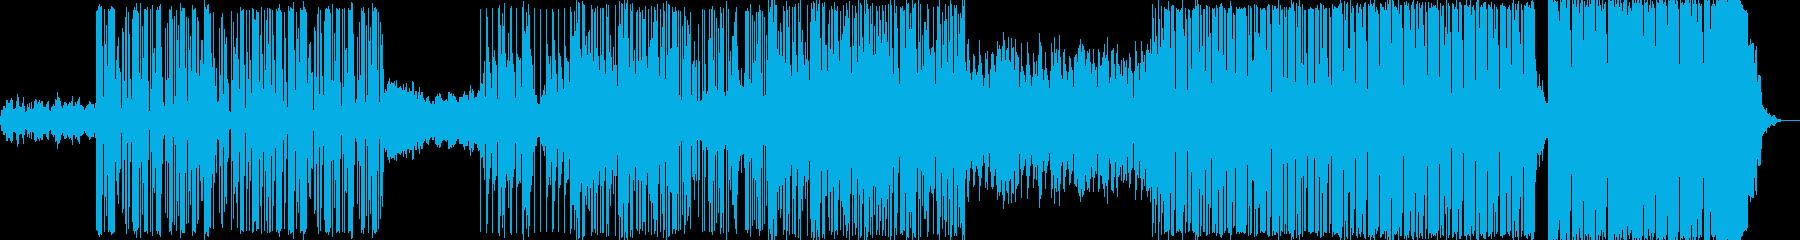 インダストリアルなヒップホップ系電子音楽の再生済みの波形